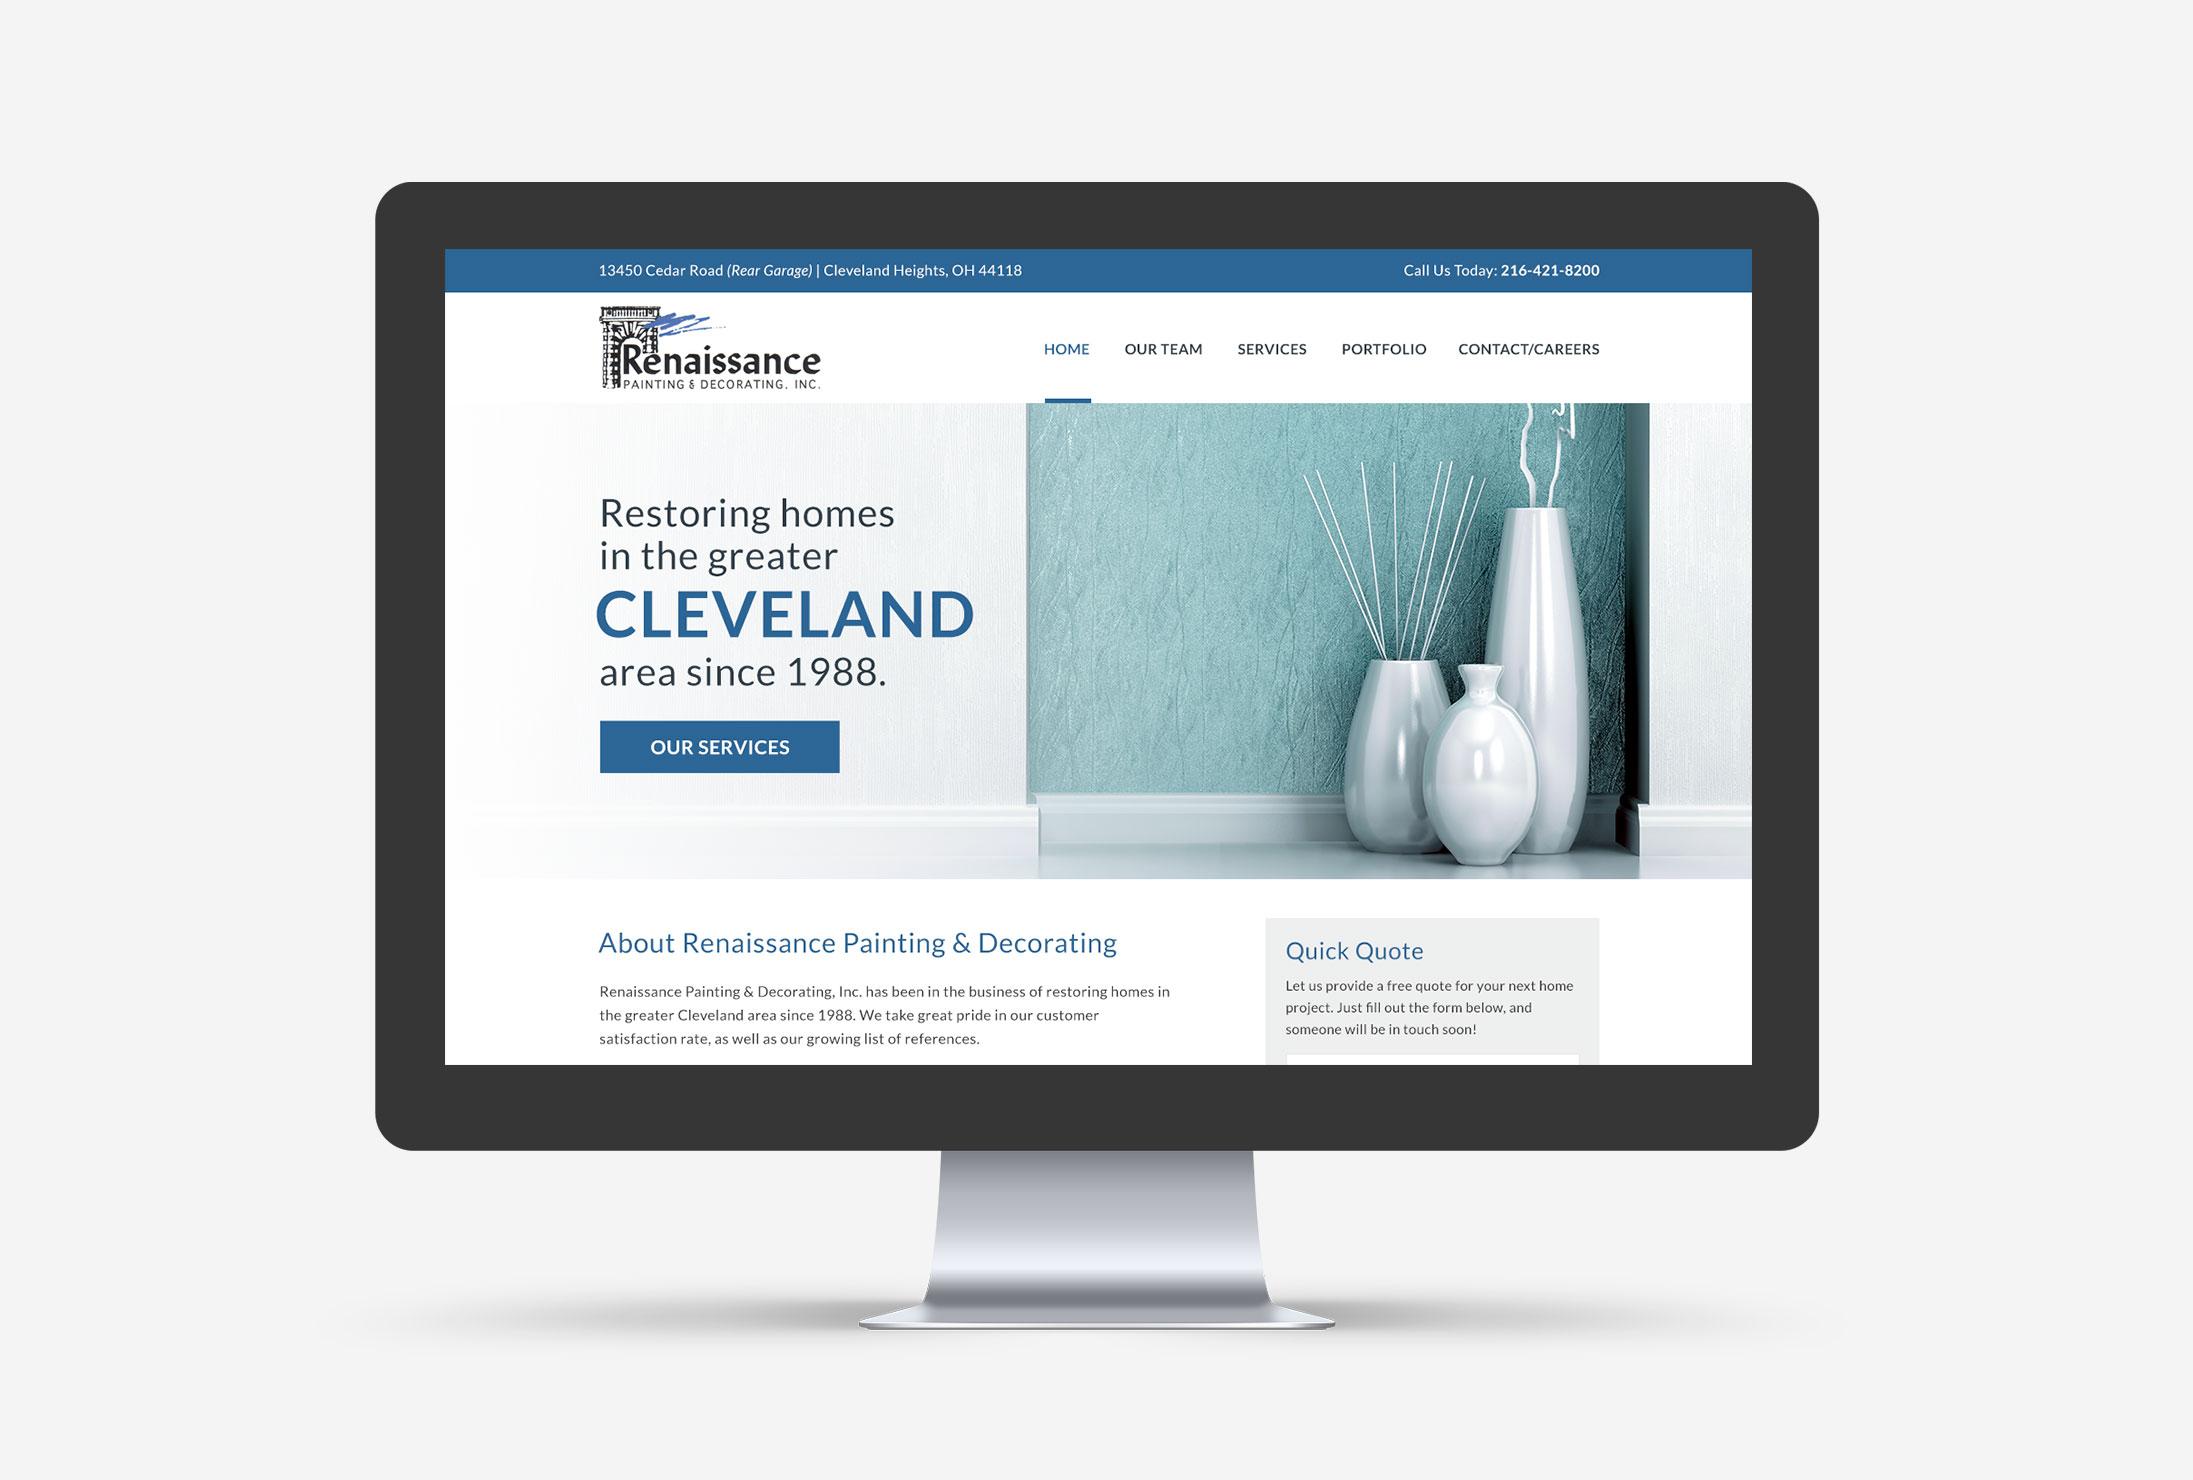 Renaissance Painting & Decorating Cleveland Web Design